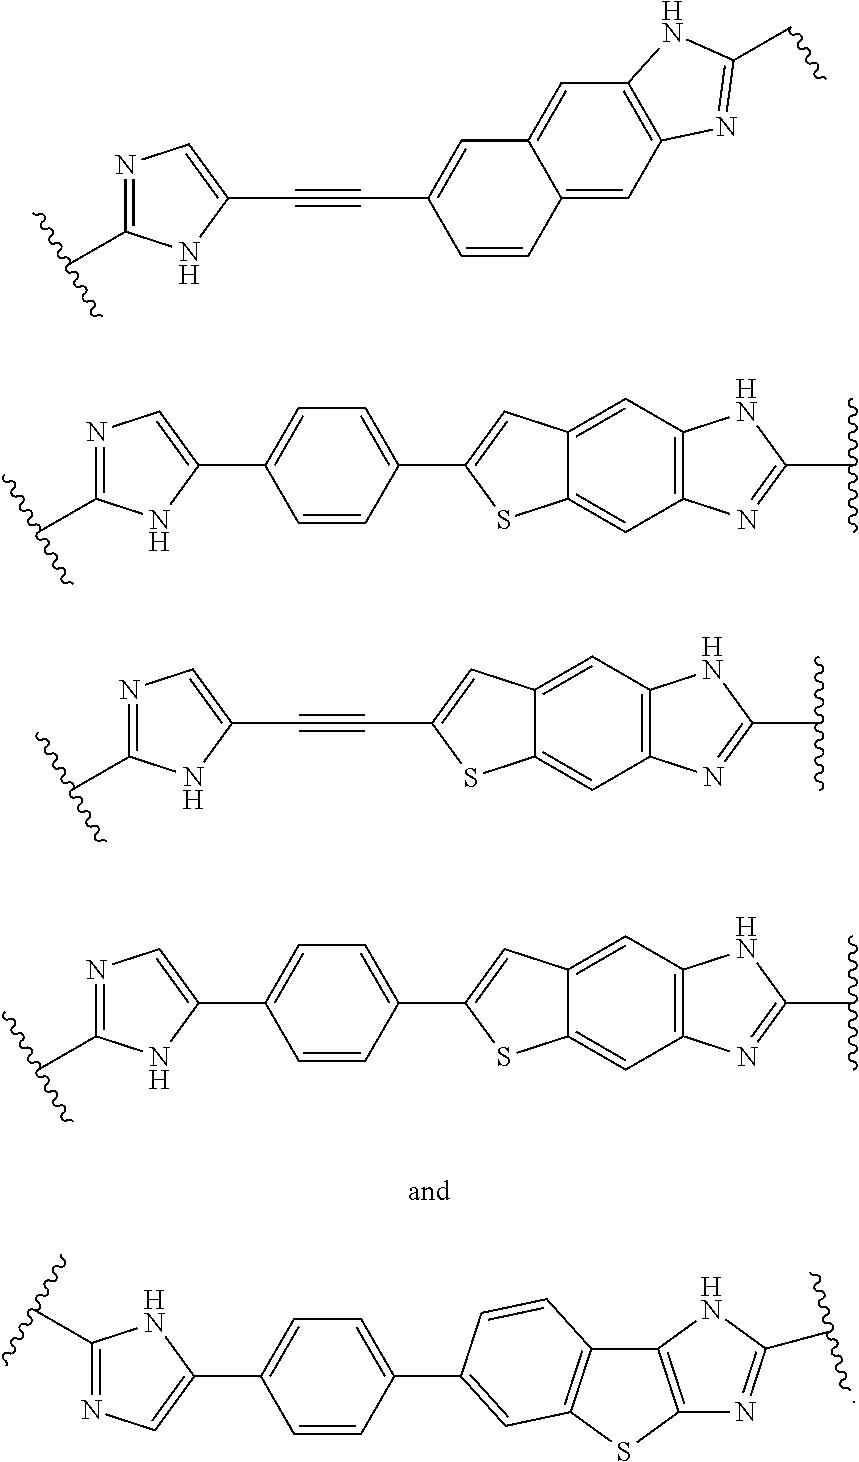 Figure US08273341-20120925-C00150